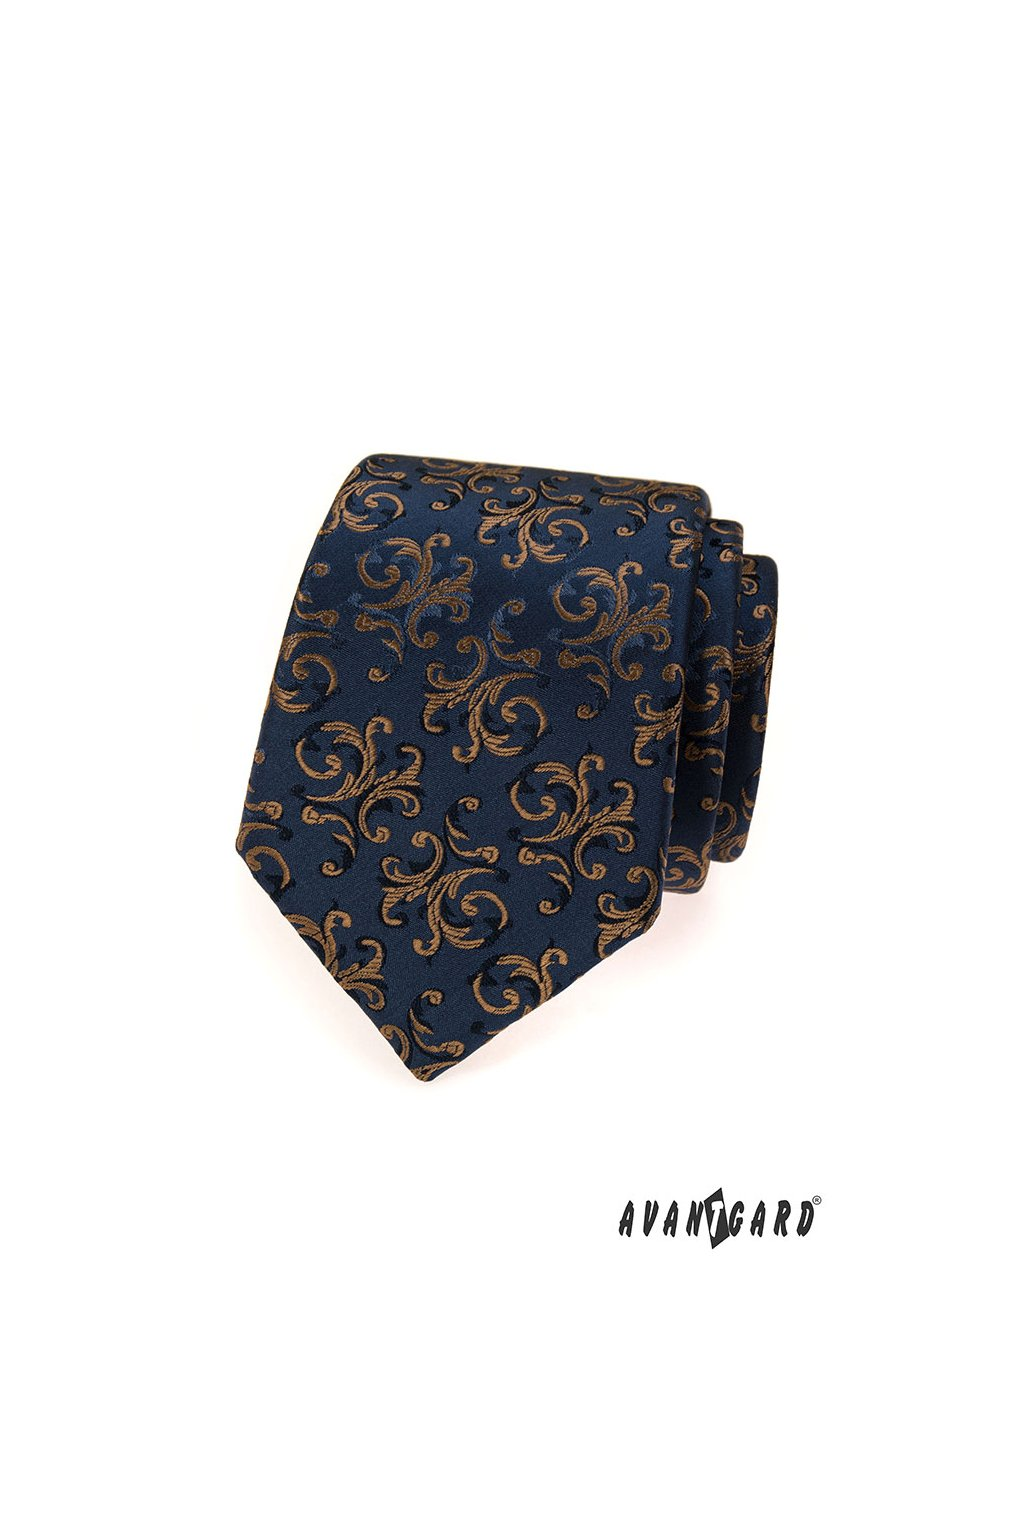 Modrá luxusní kravata s modrými ornamenty 561 - 54